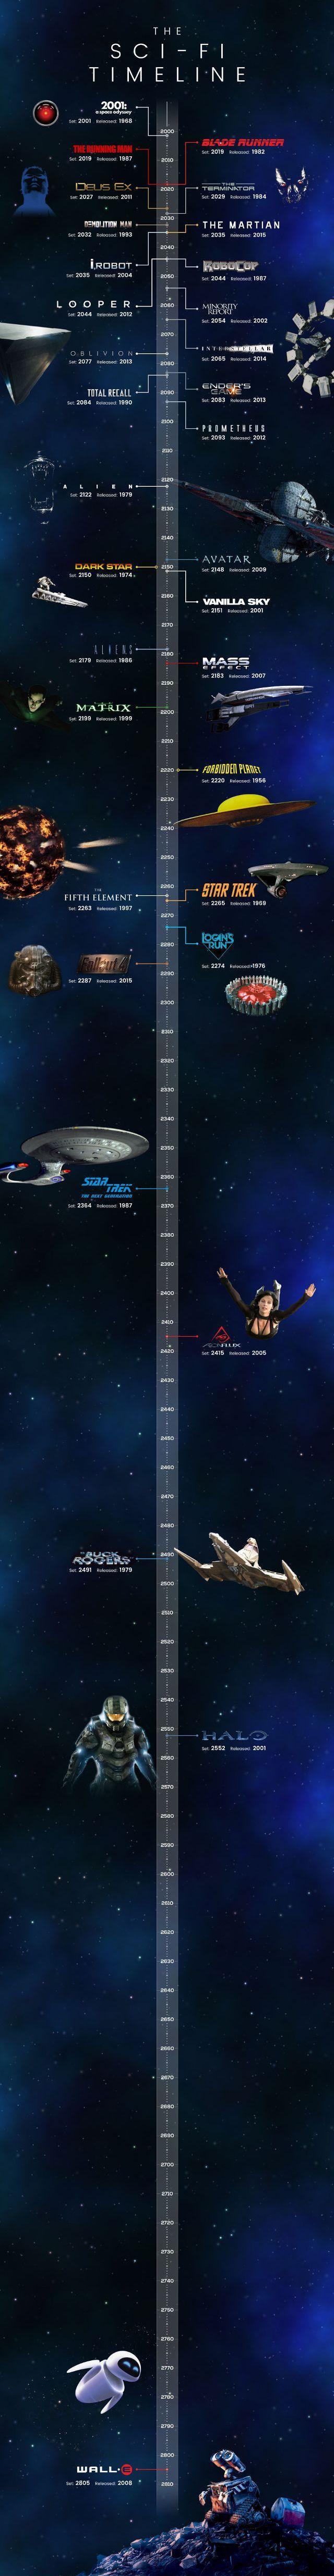 Timeline - Sci-Fi - 2